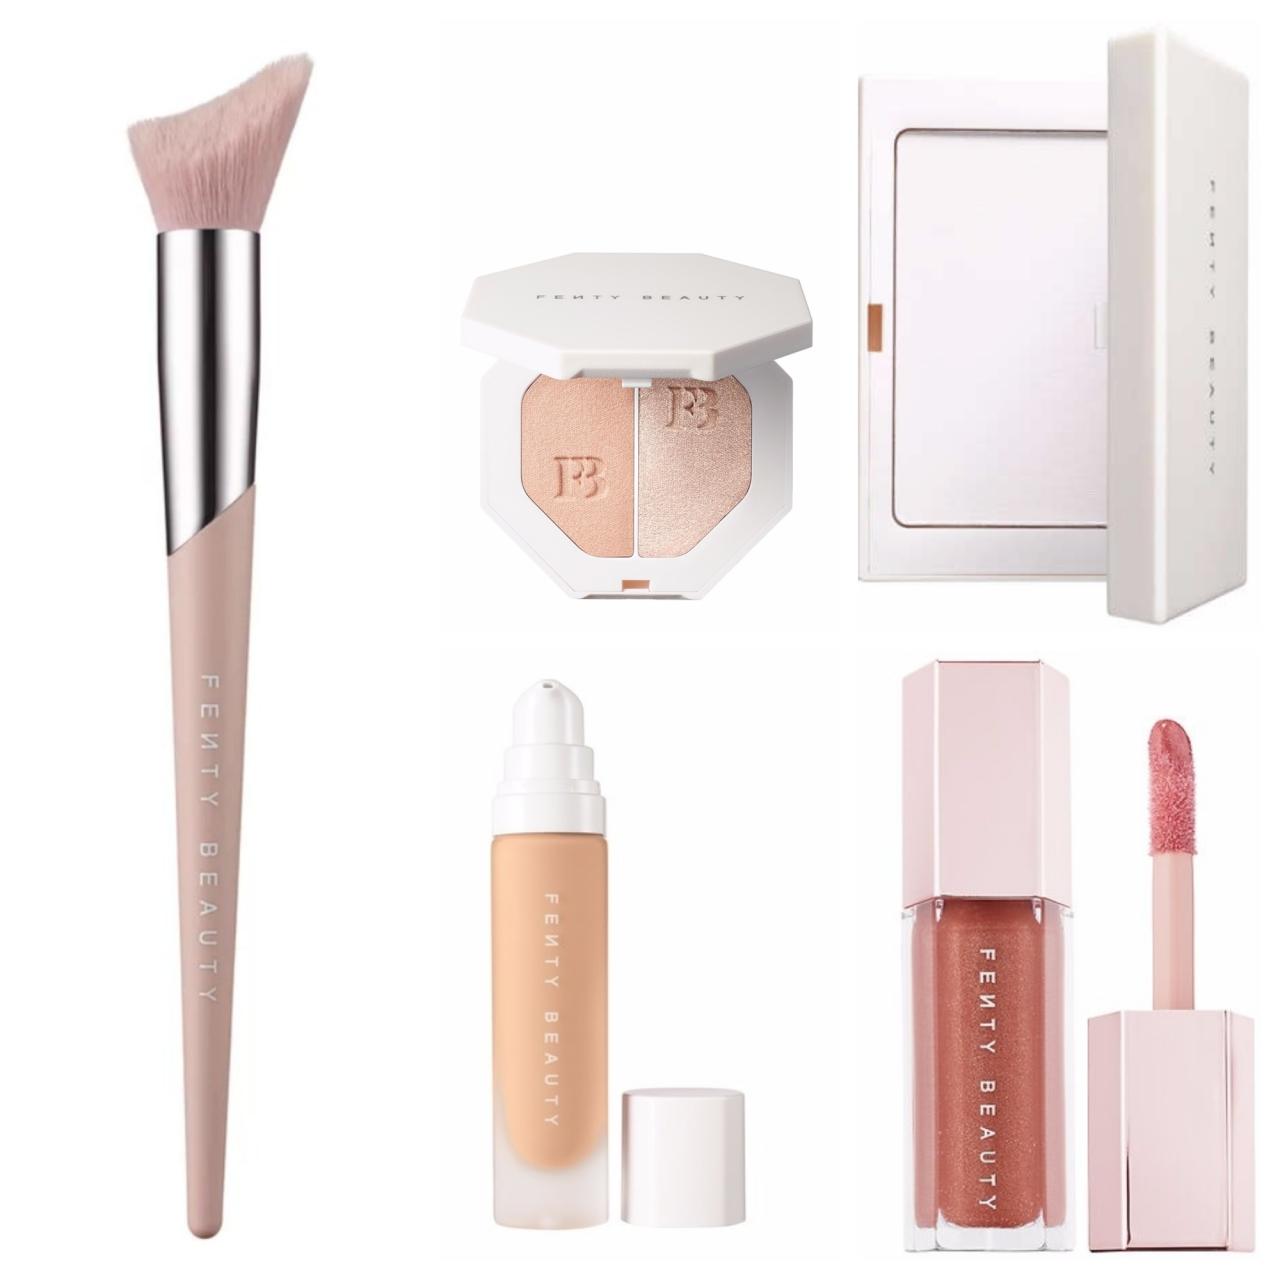 Fenty Beauty chez Sephora : quels produits faut-il acheter?